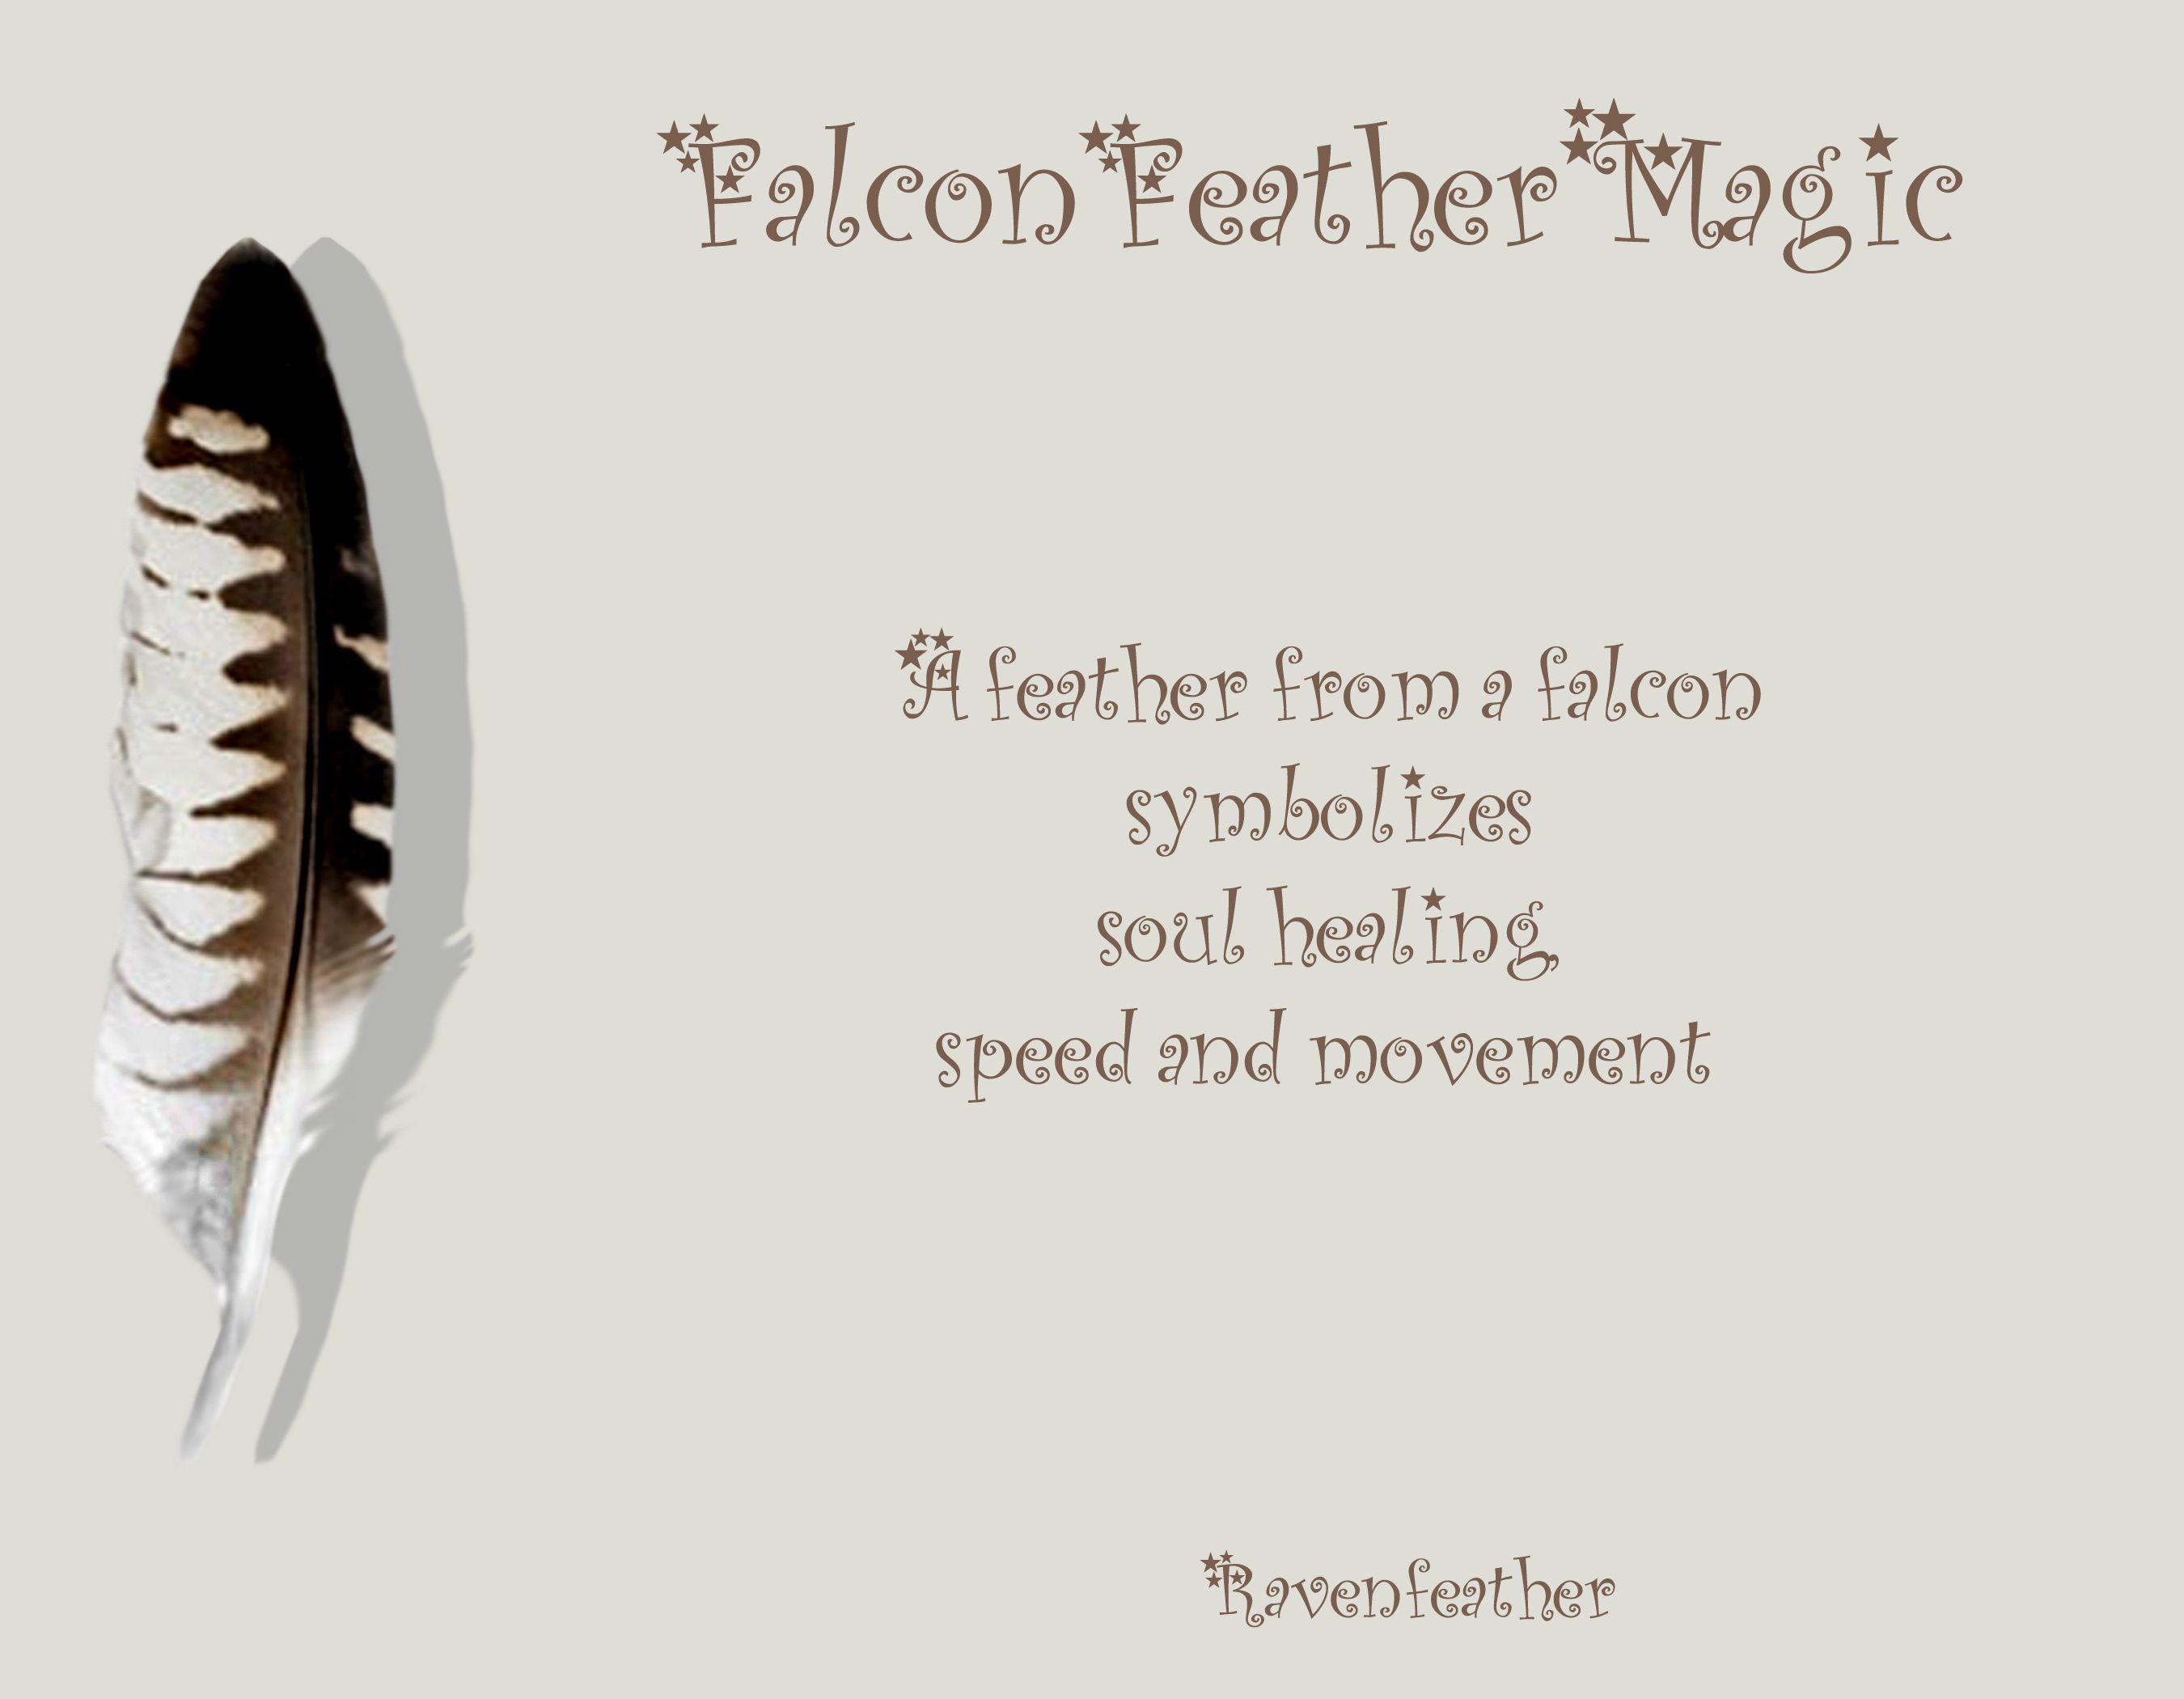 Falcon Feather Magic